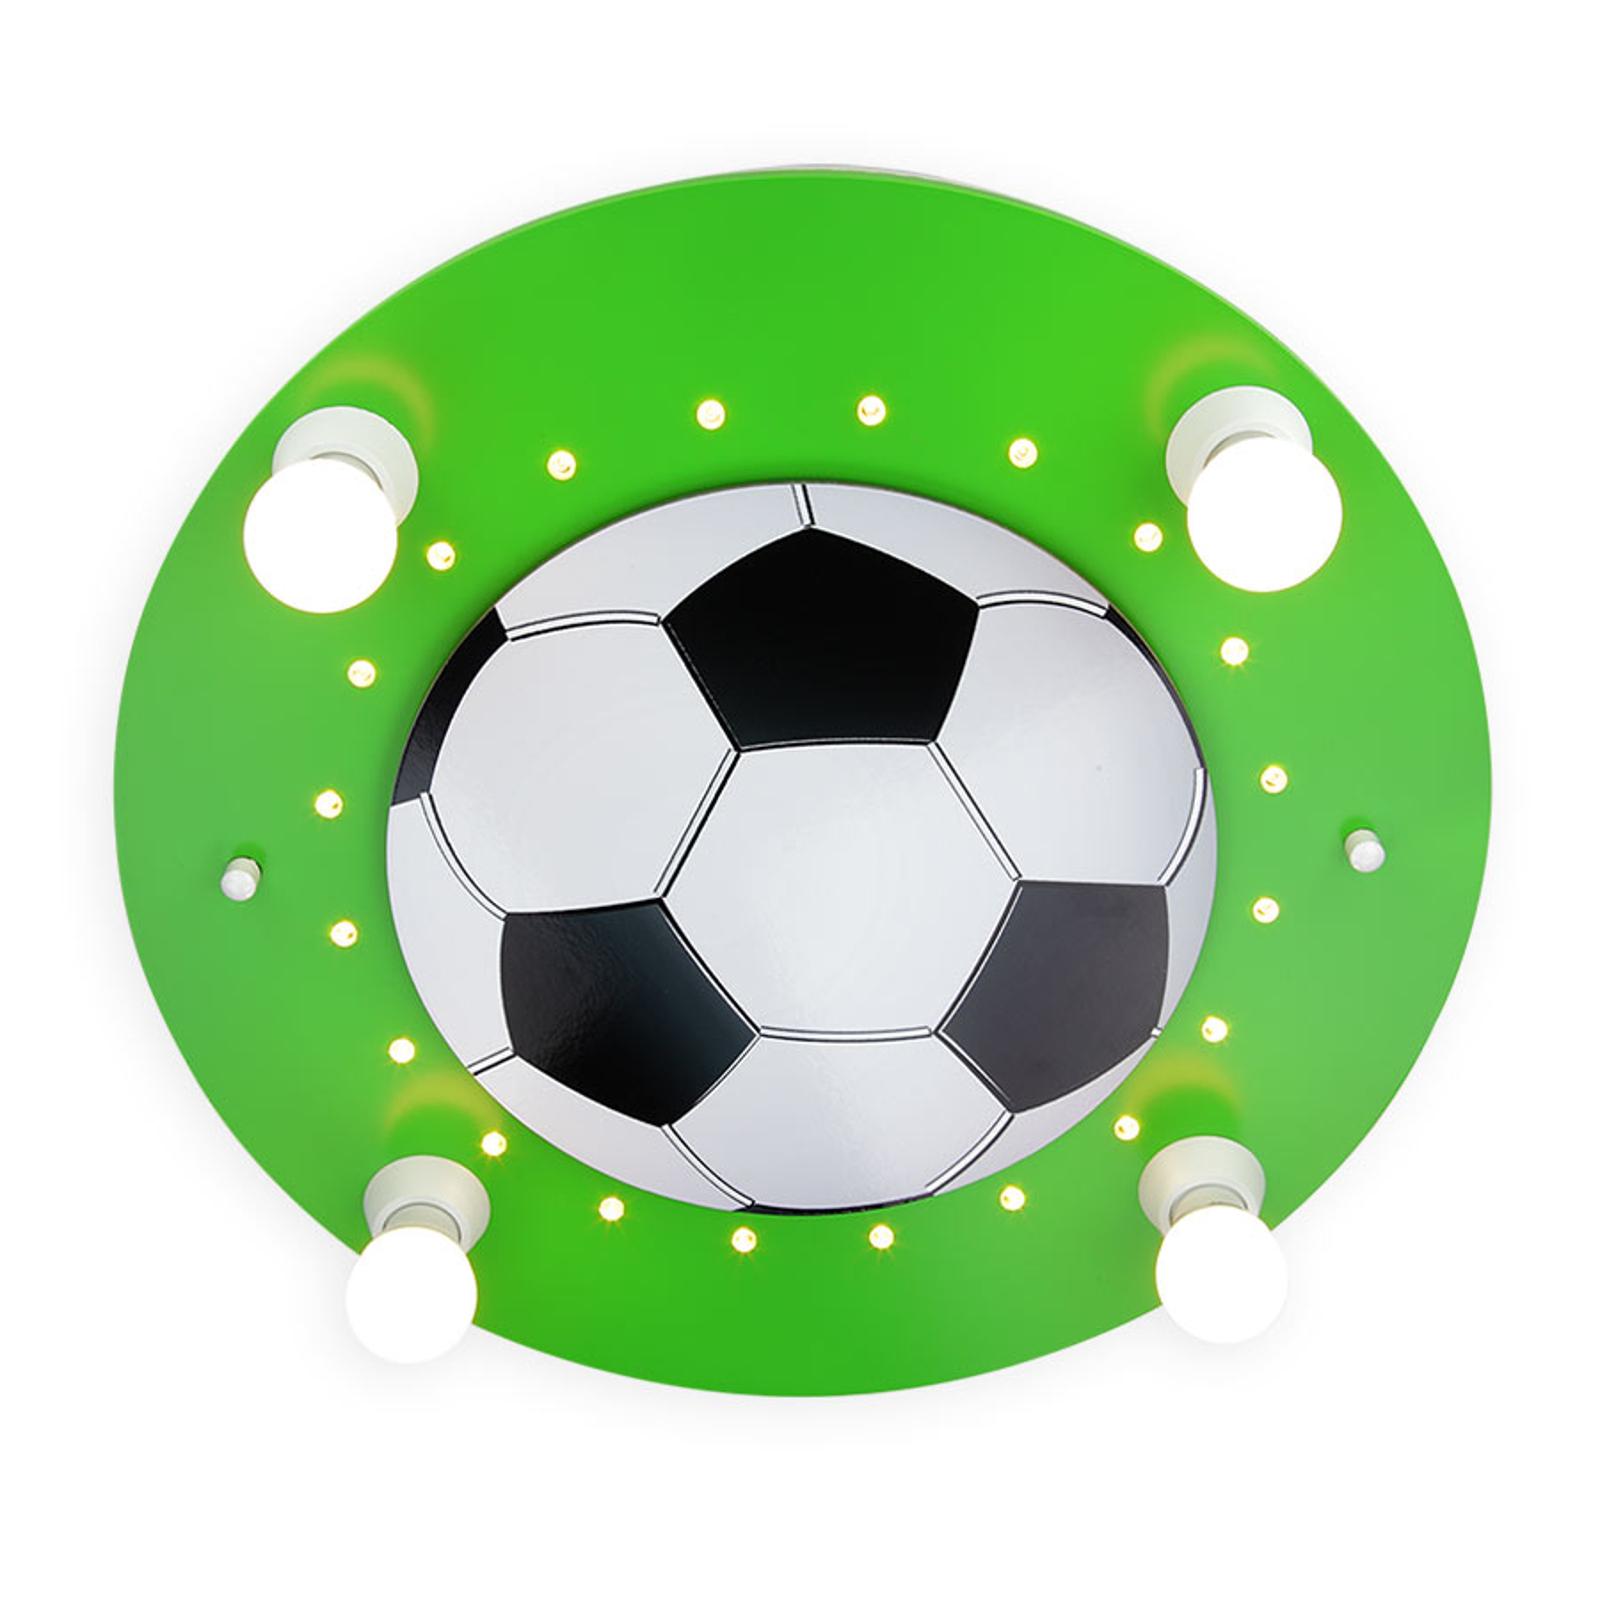 Taklampa Fotboll, 4 lampor mörkgrön-vit